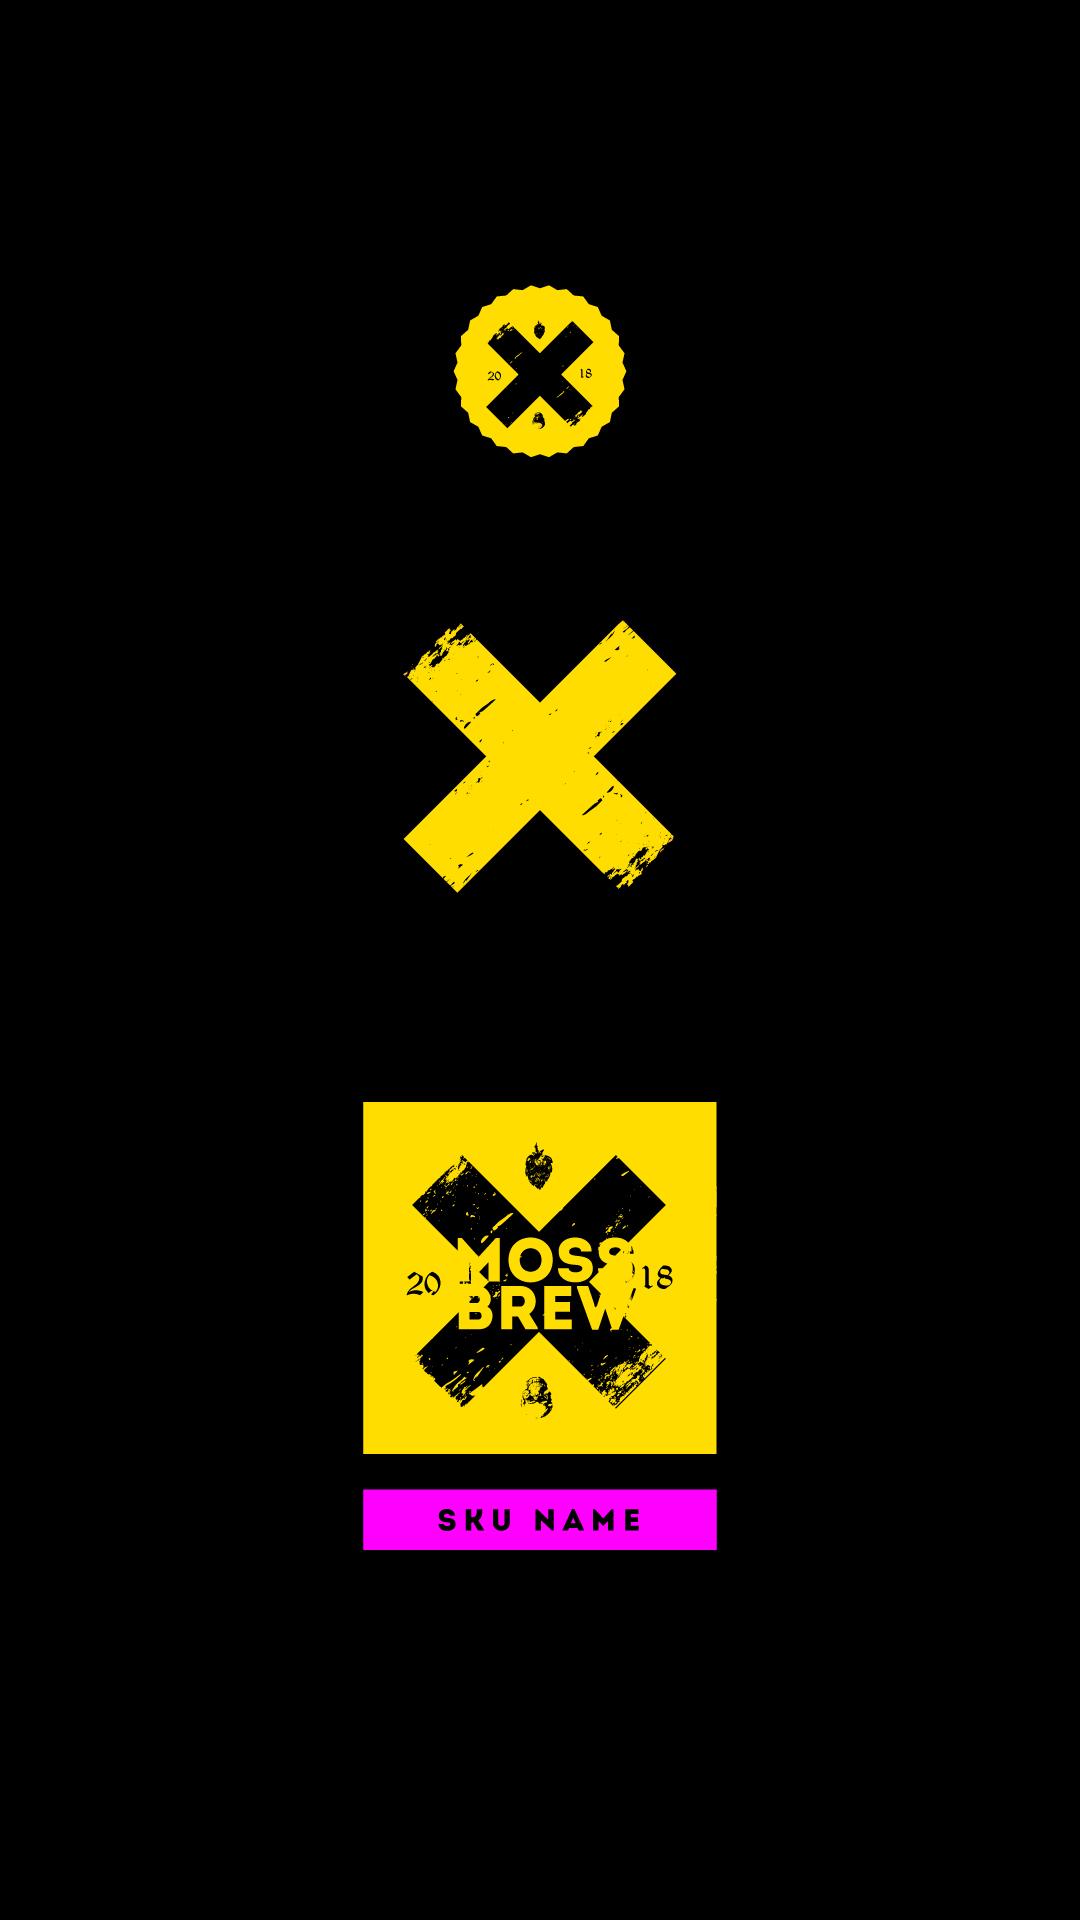 Логотип для пивоварни фото f_450598cb7b65c72c.jpg